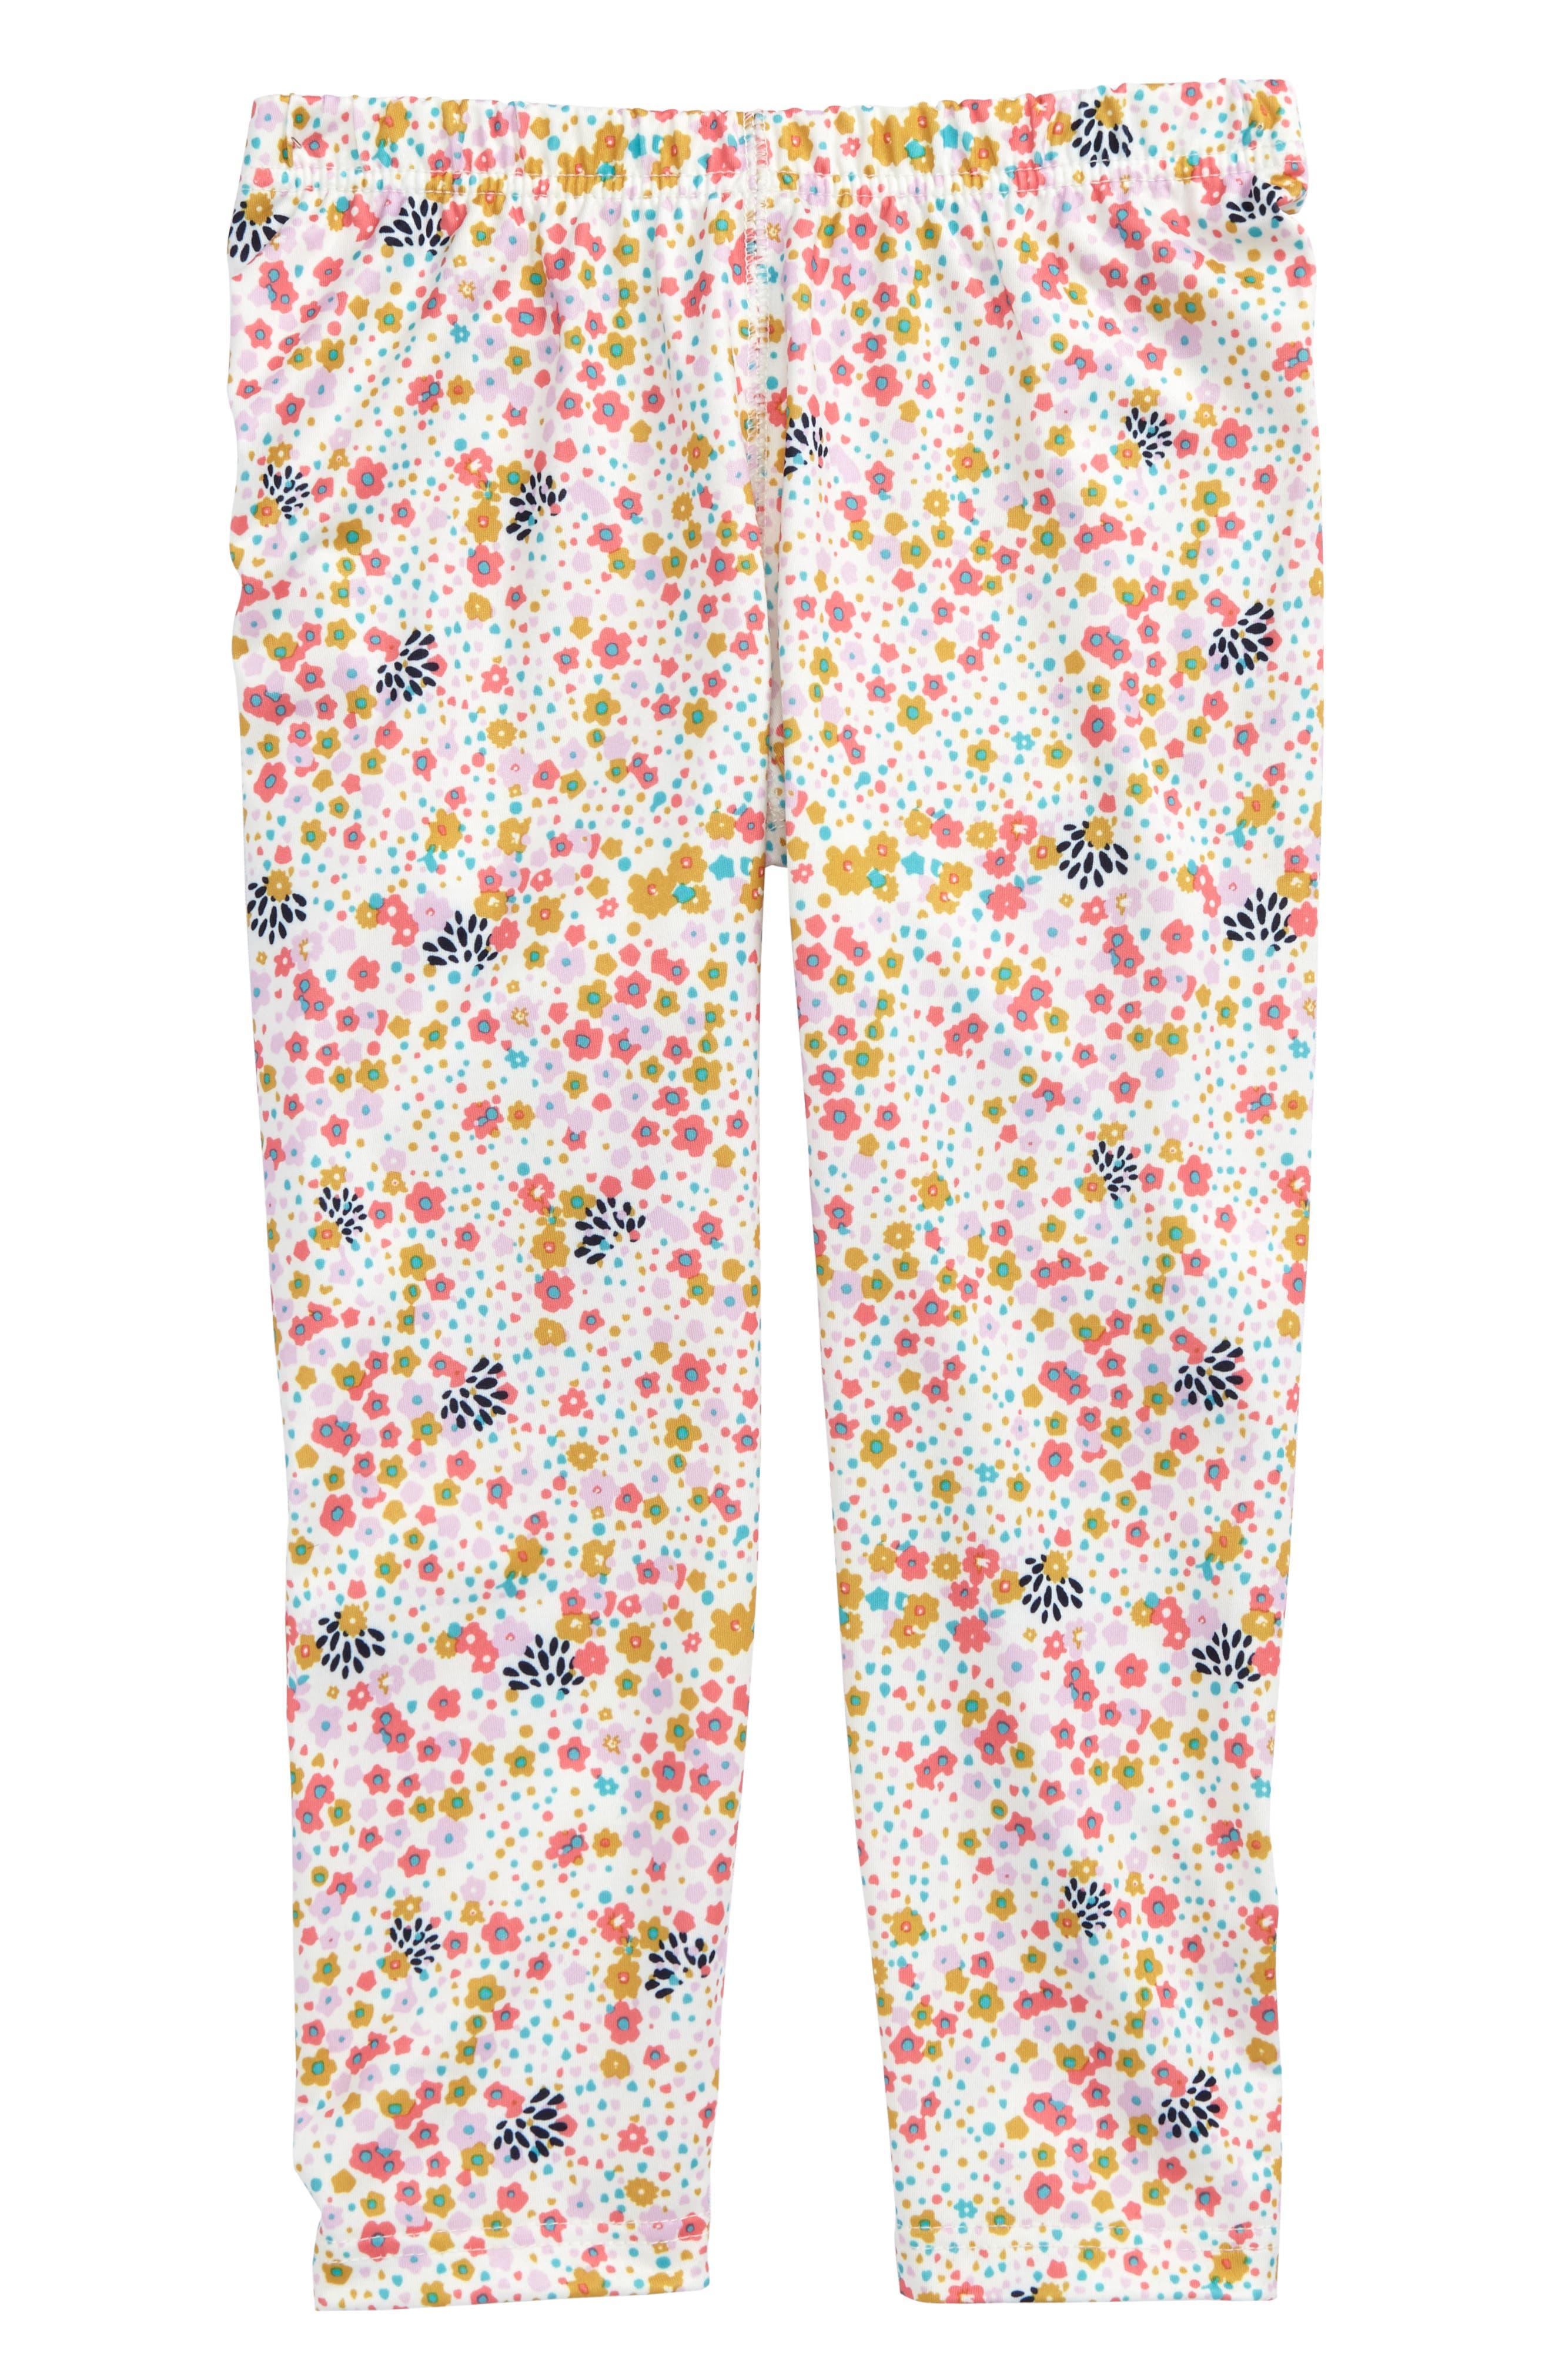 Capilene Print Leggings,                             Main thumbnail 1, color,                             Flurry Floral:Birch White